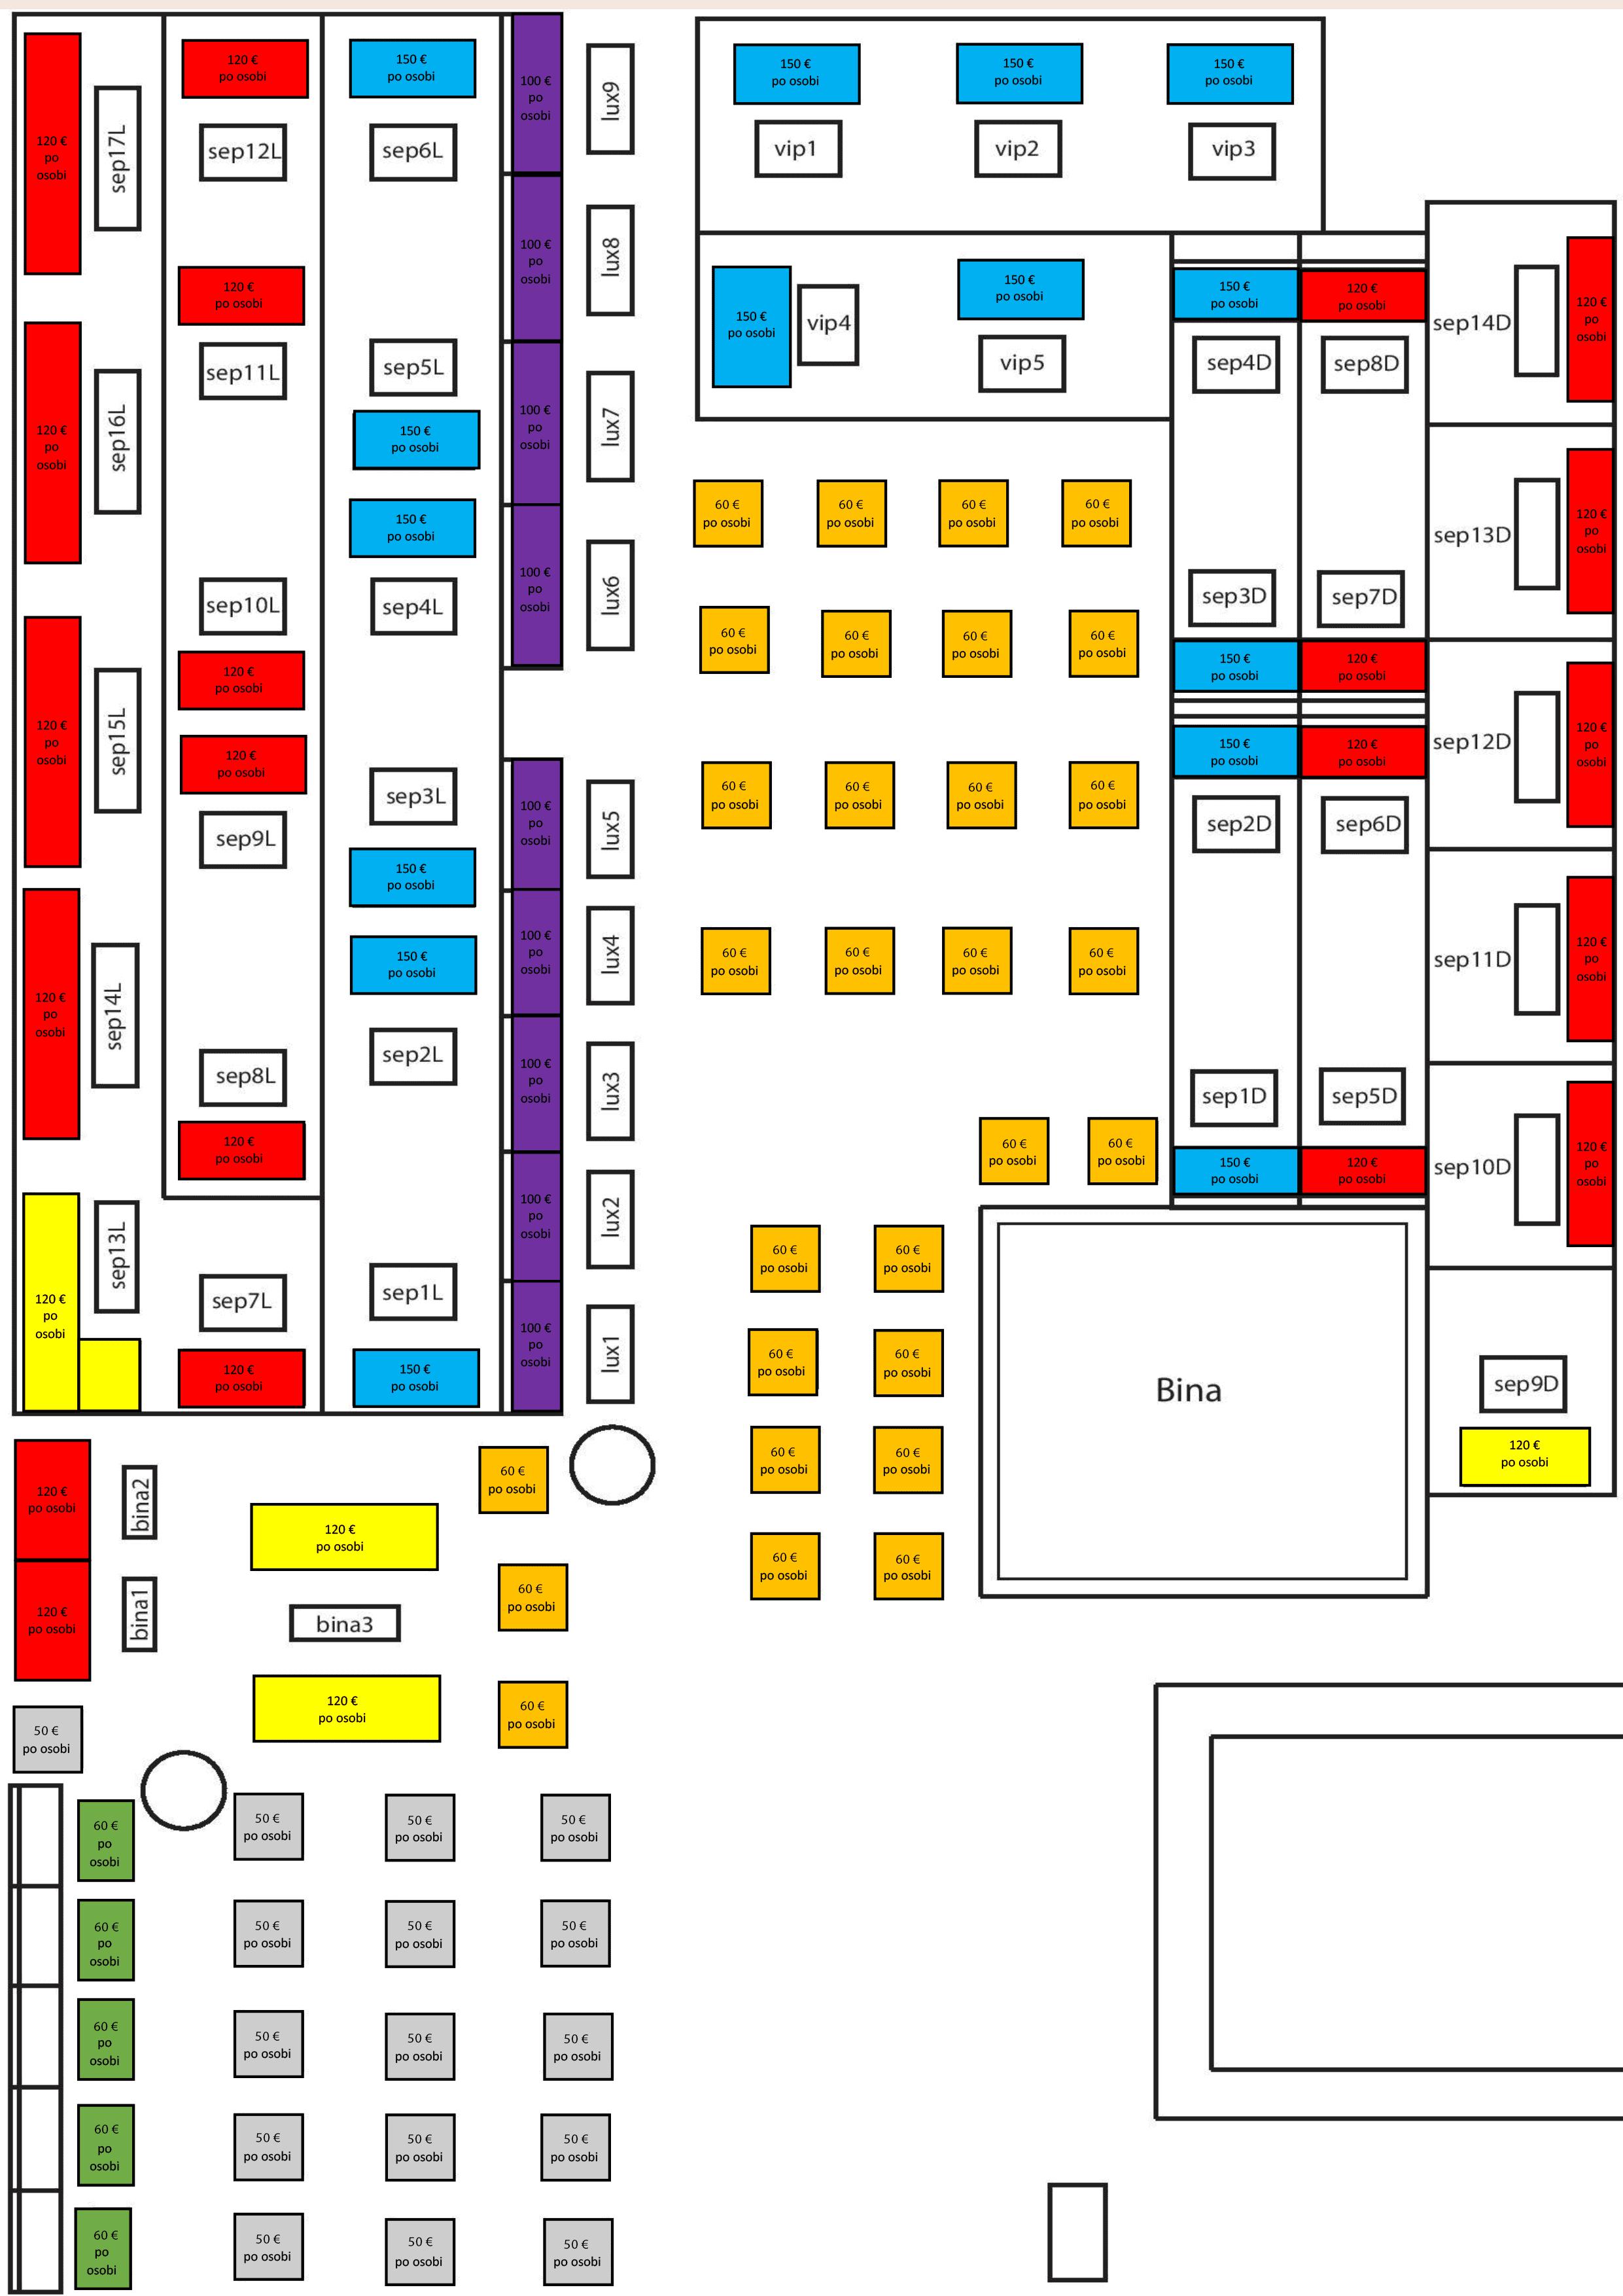 Docek Nove godine Beograd 2020 Klub Kasina mapa